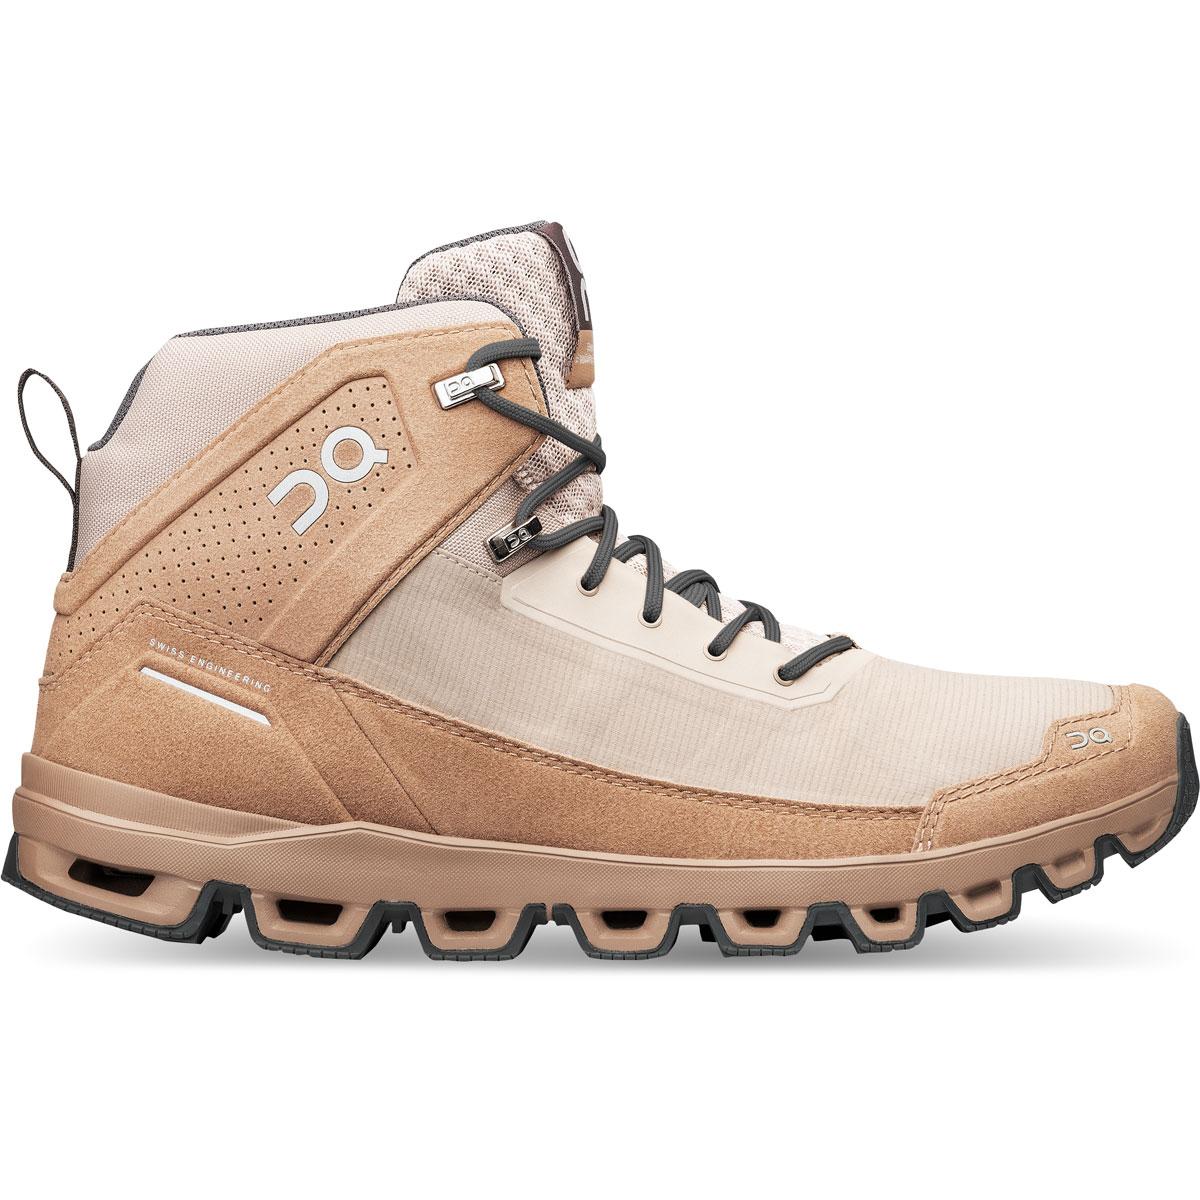 Men's On Cloudridge Hiking Shoe - Color: Sand | Rock - Size: 7 - Width: Regular, Sand | Rock, large, image 1